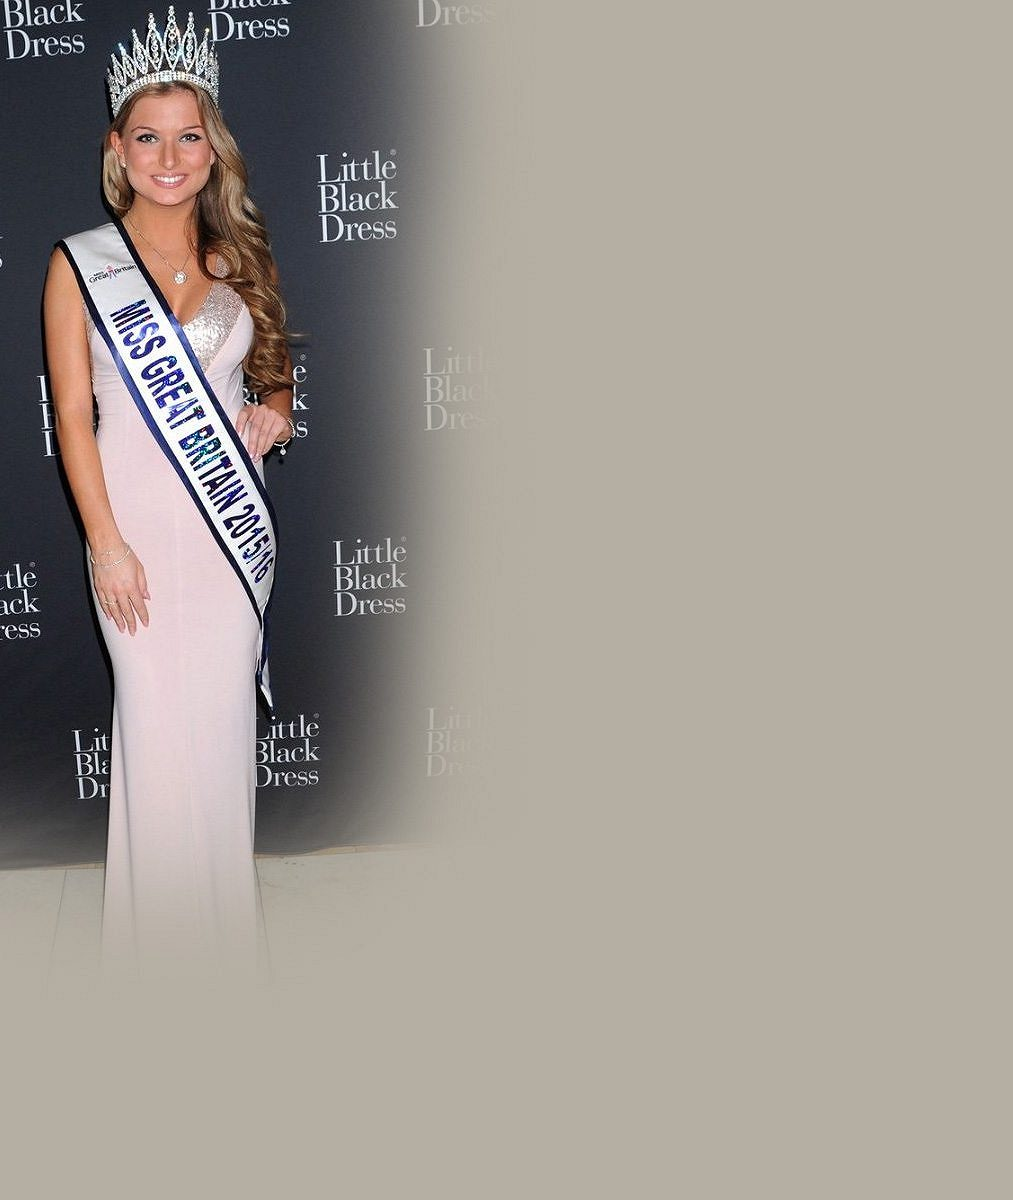 Britská Miss doplatila na erotické hrátky vtelevizi: Pořadatelé ji připravili otitul